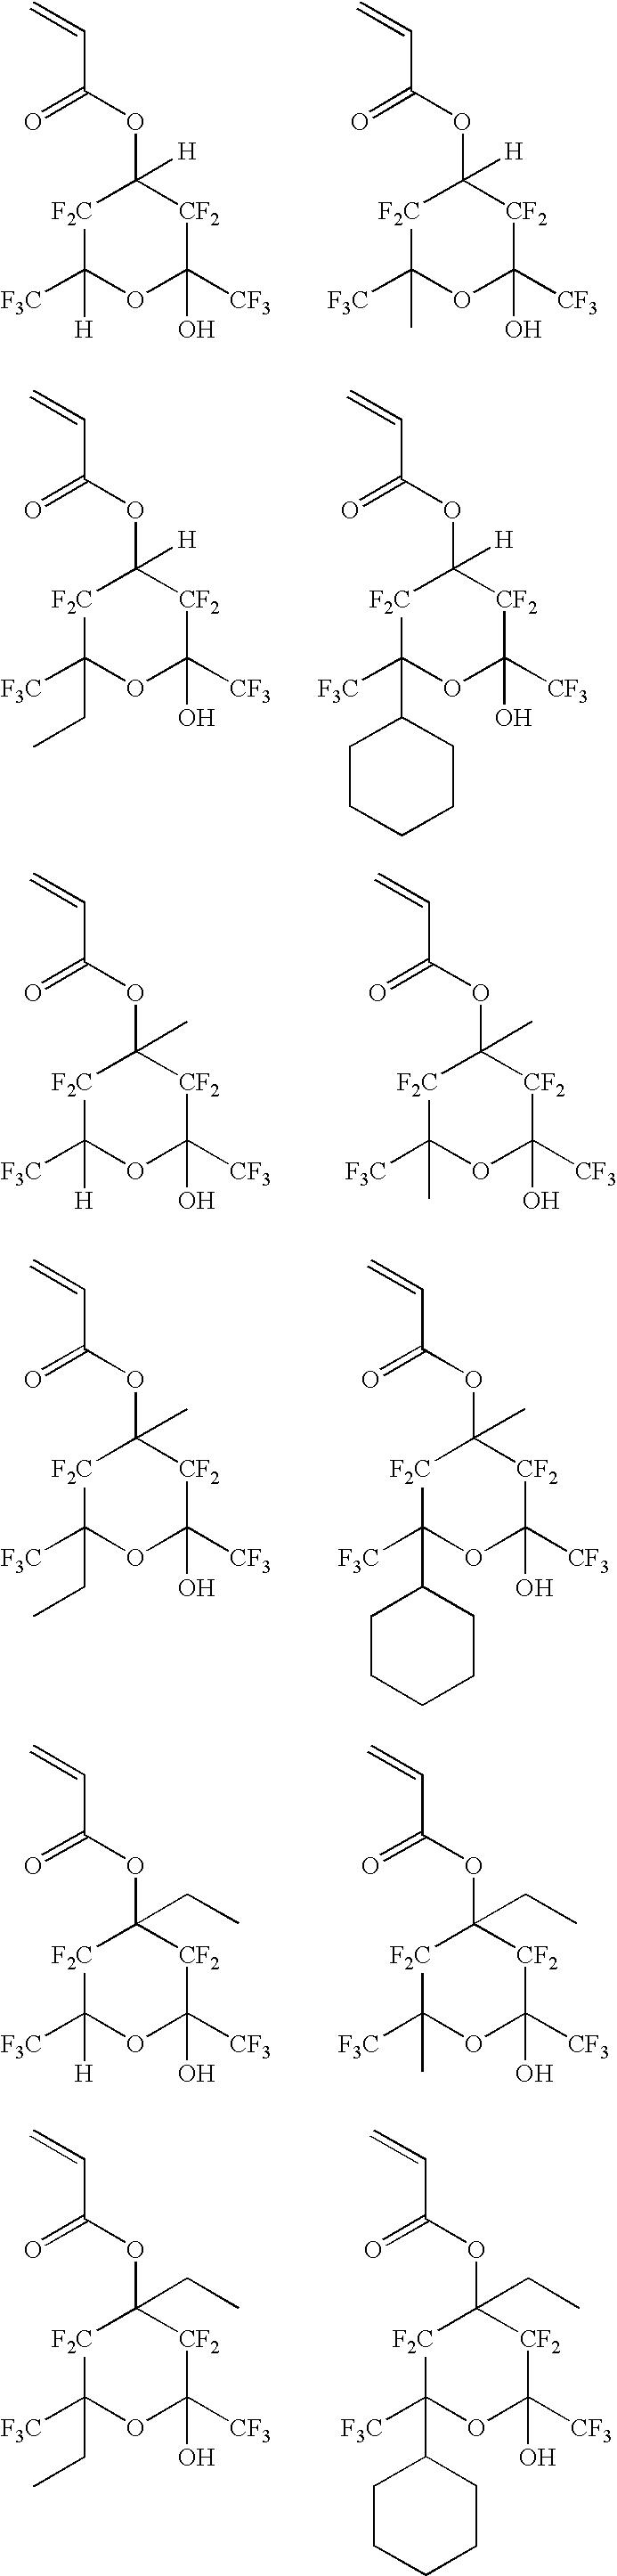 Figure US20060094817A1-20060504-C00013